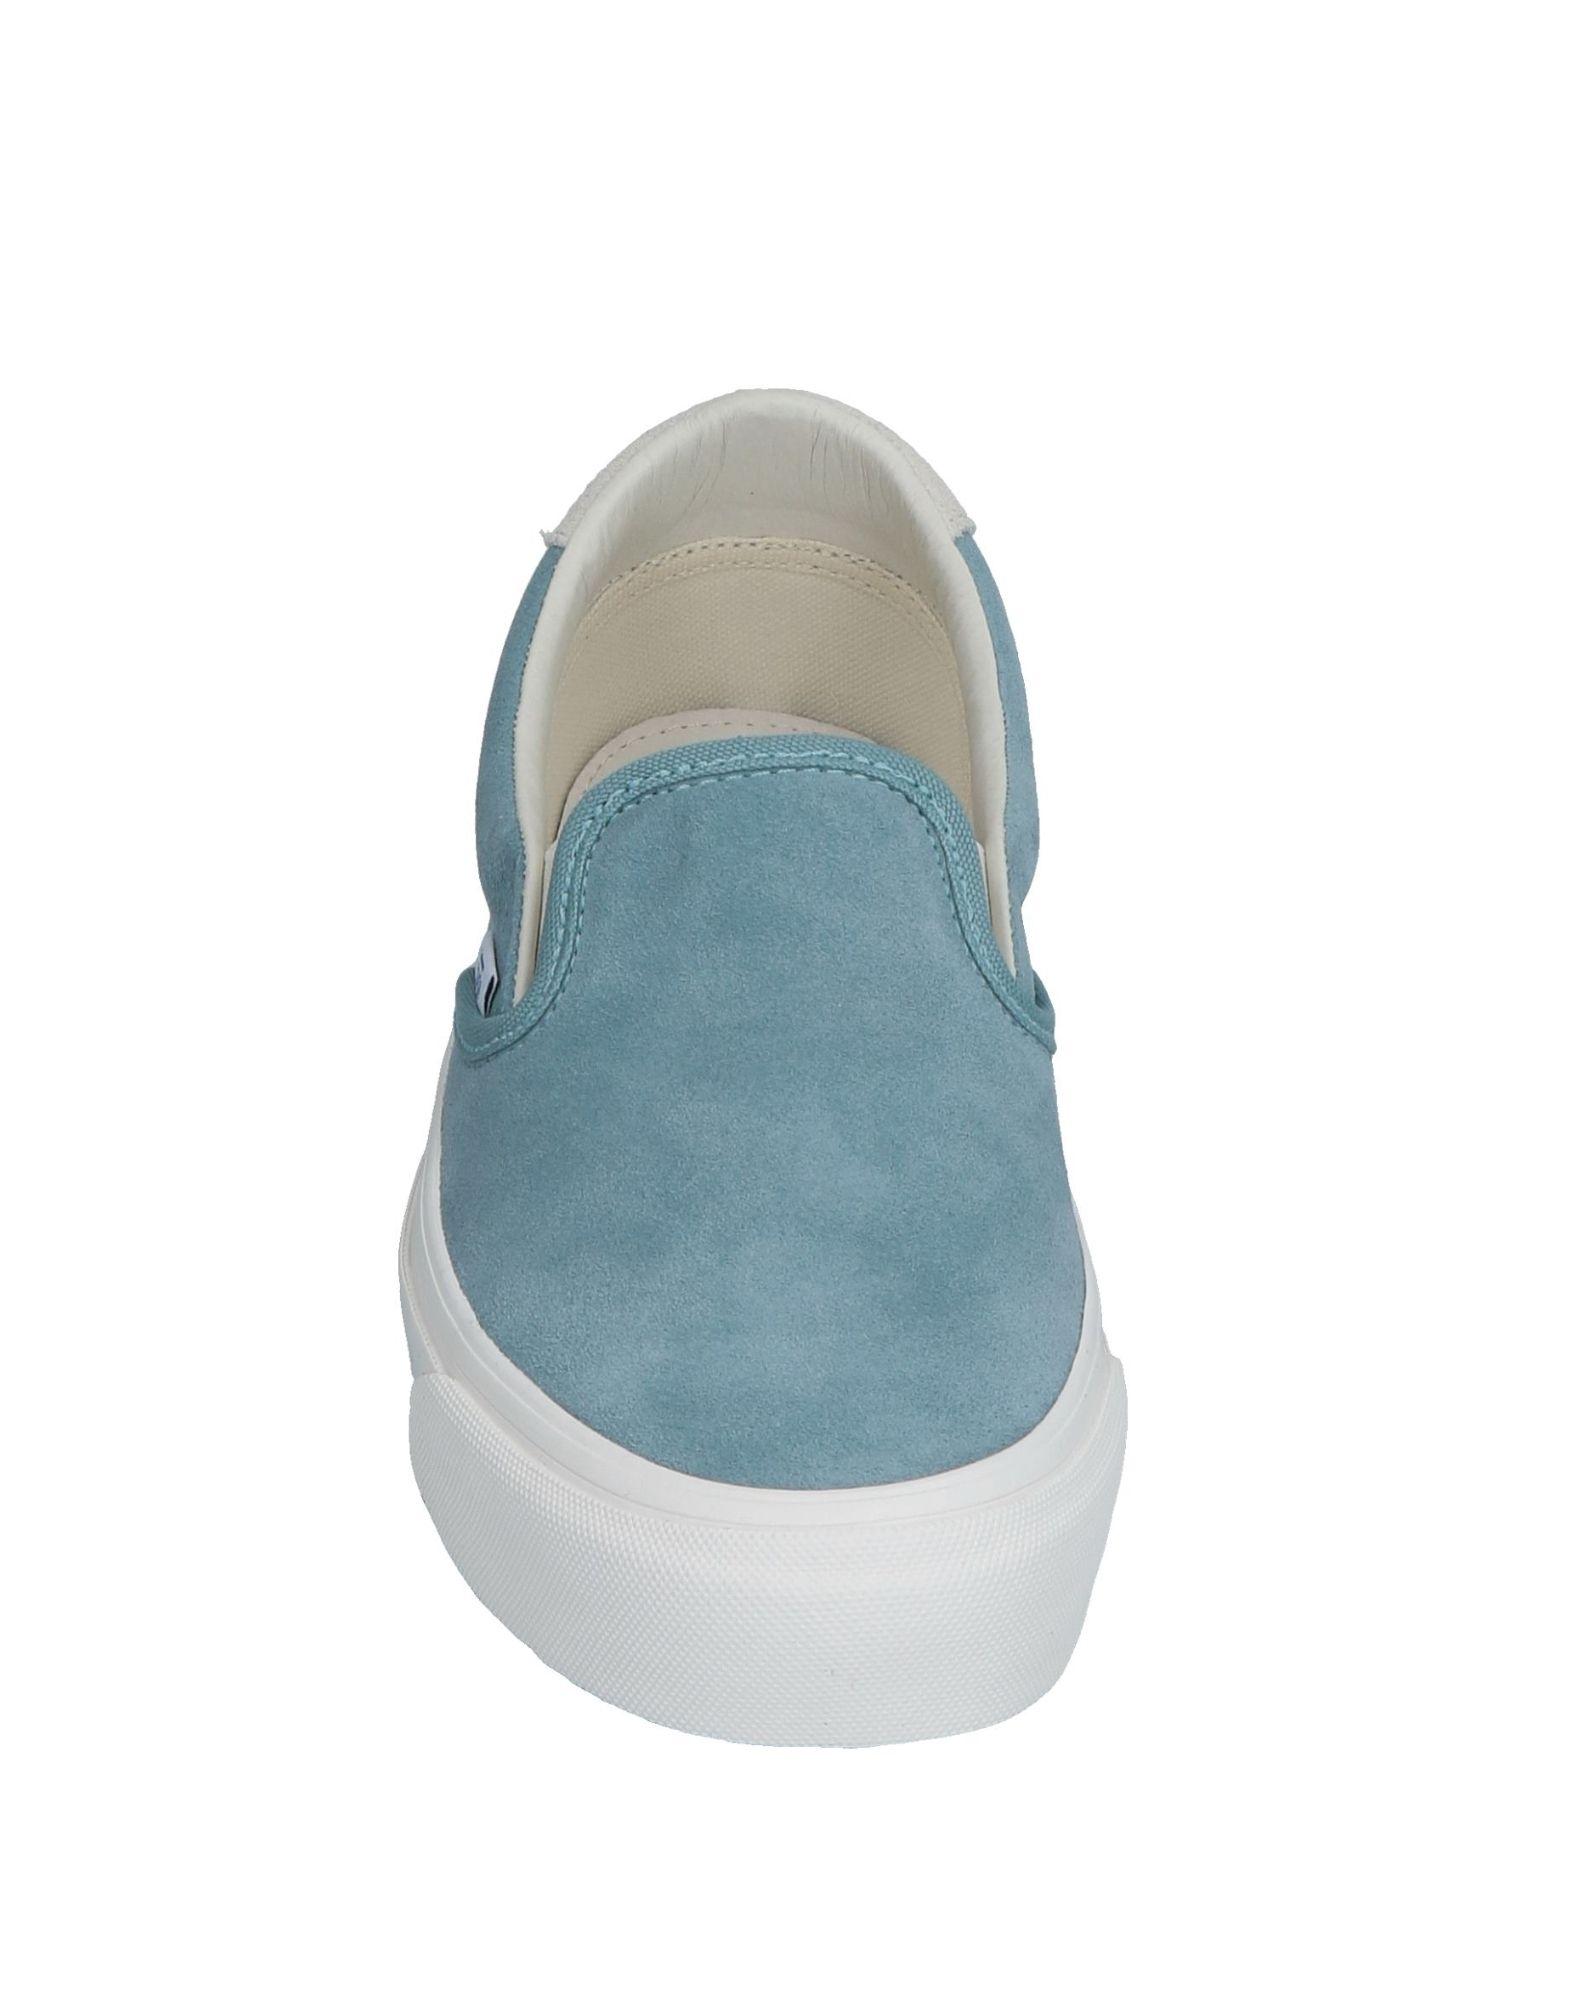 Vans Sneakers Damen Gutes Preis-Leistungs-Verhältnis, es lohnt lohnt es sich 62f8e5